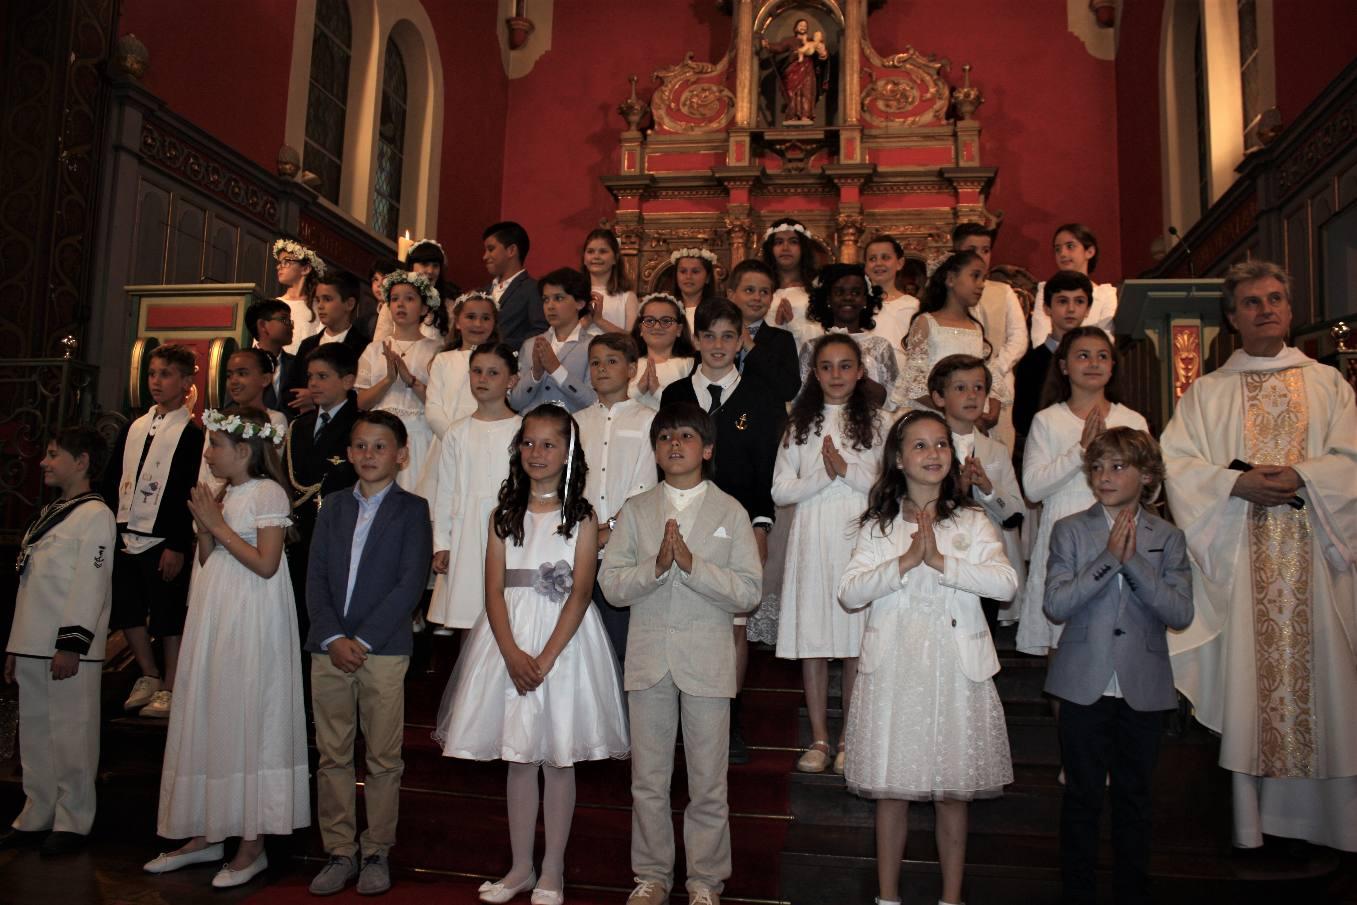 Première communion pour 36 enfants en la fête du Corps et du Sang du Christ.